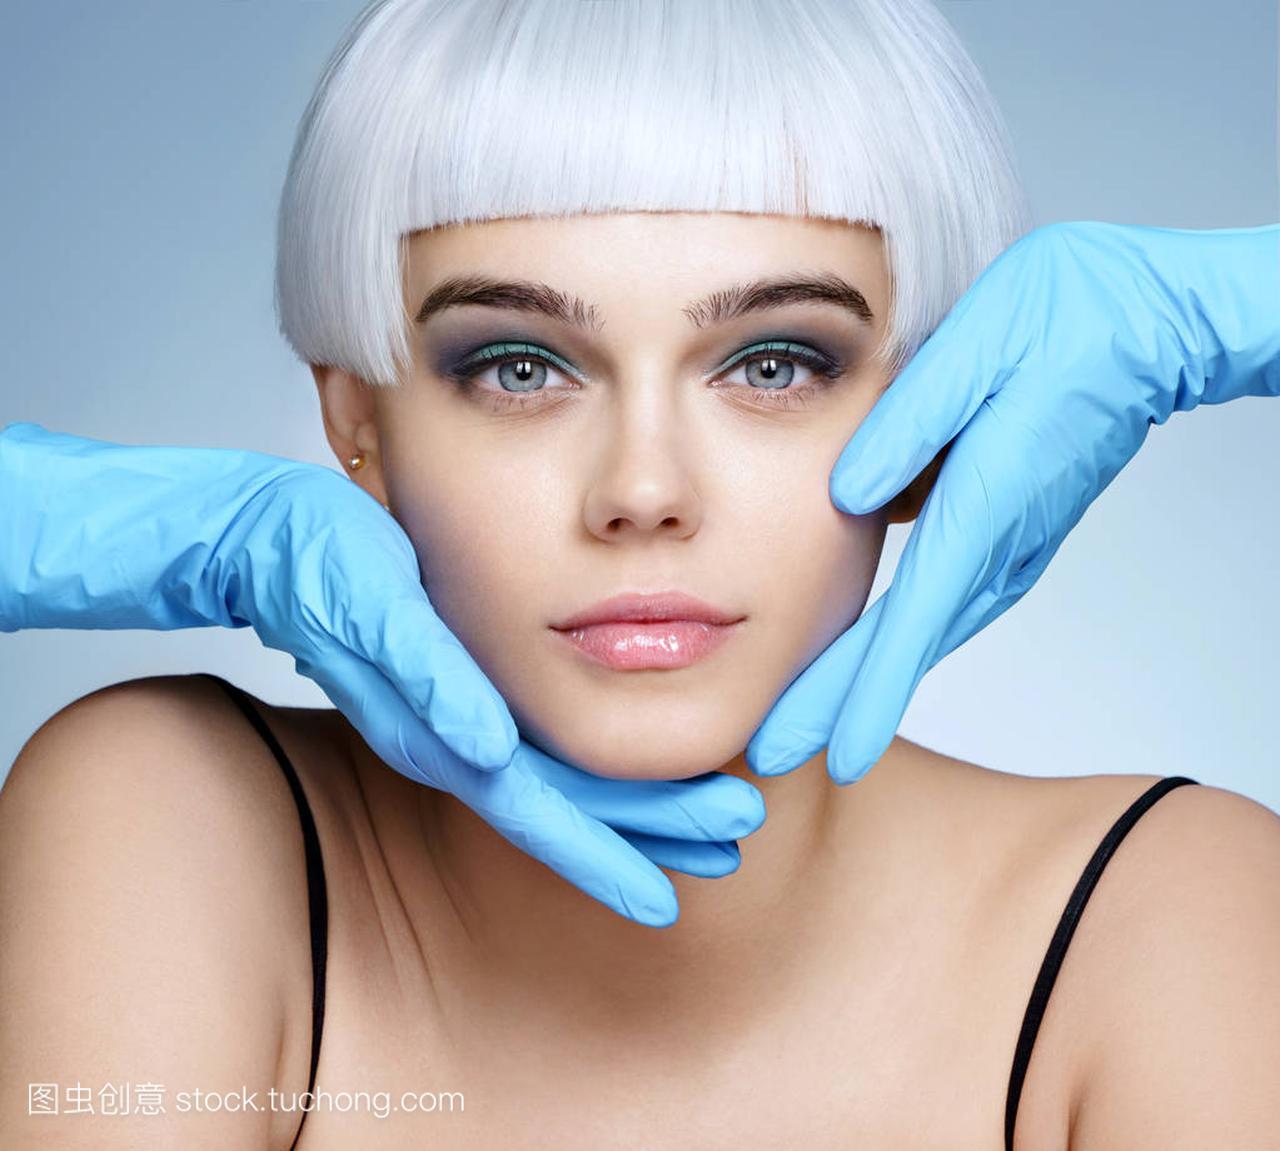 医生的手在手套触摸美丽的金发的脸。时尚养女女人生胸图片